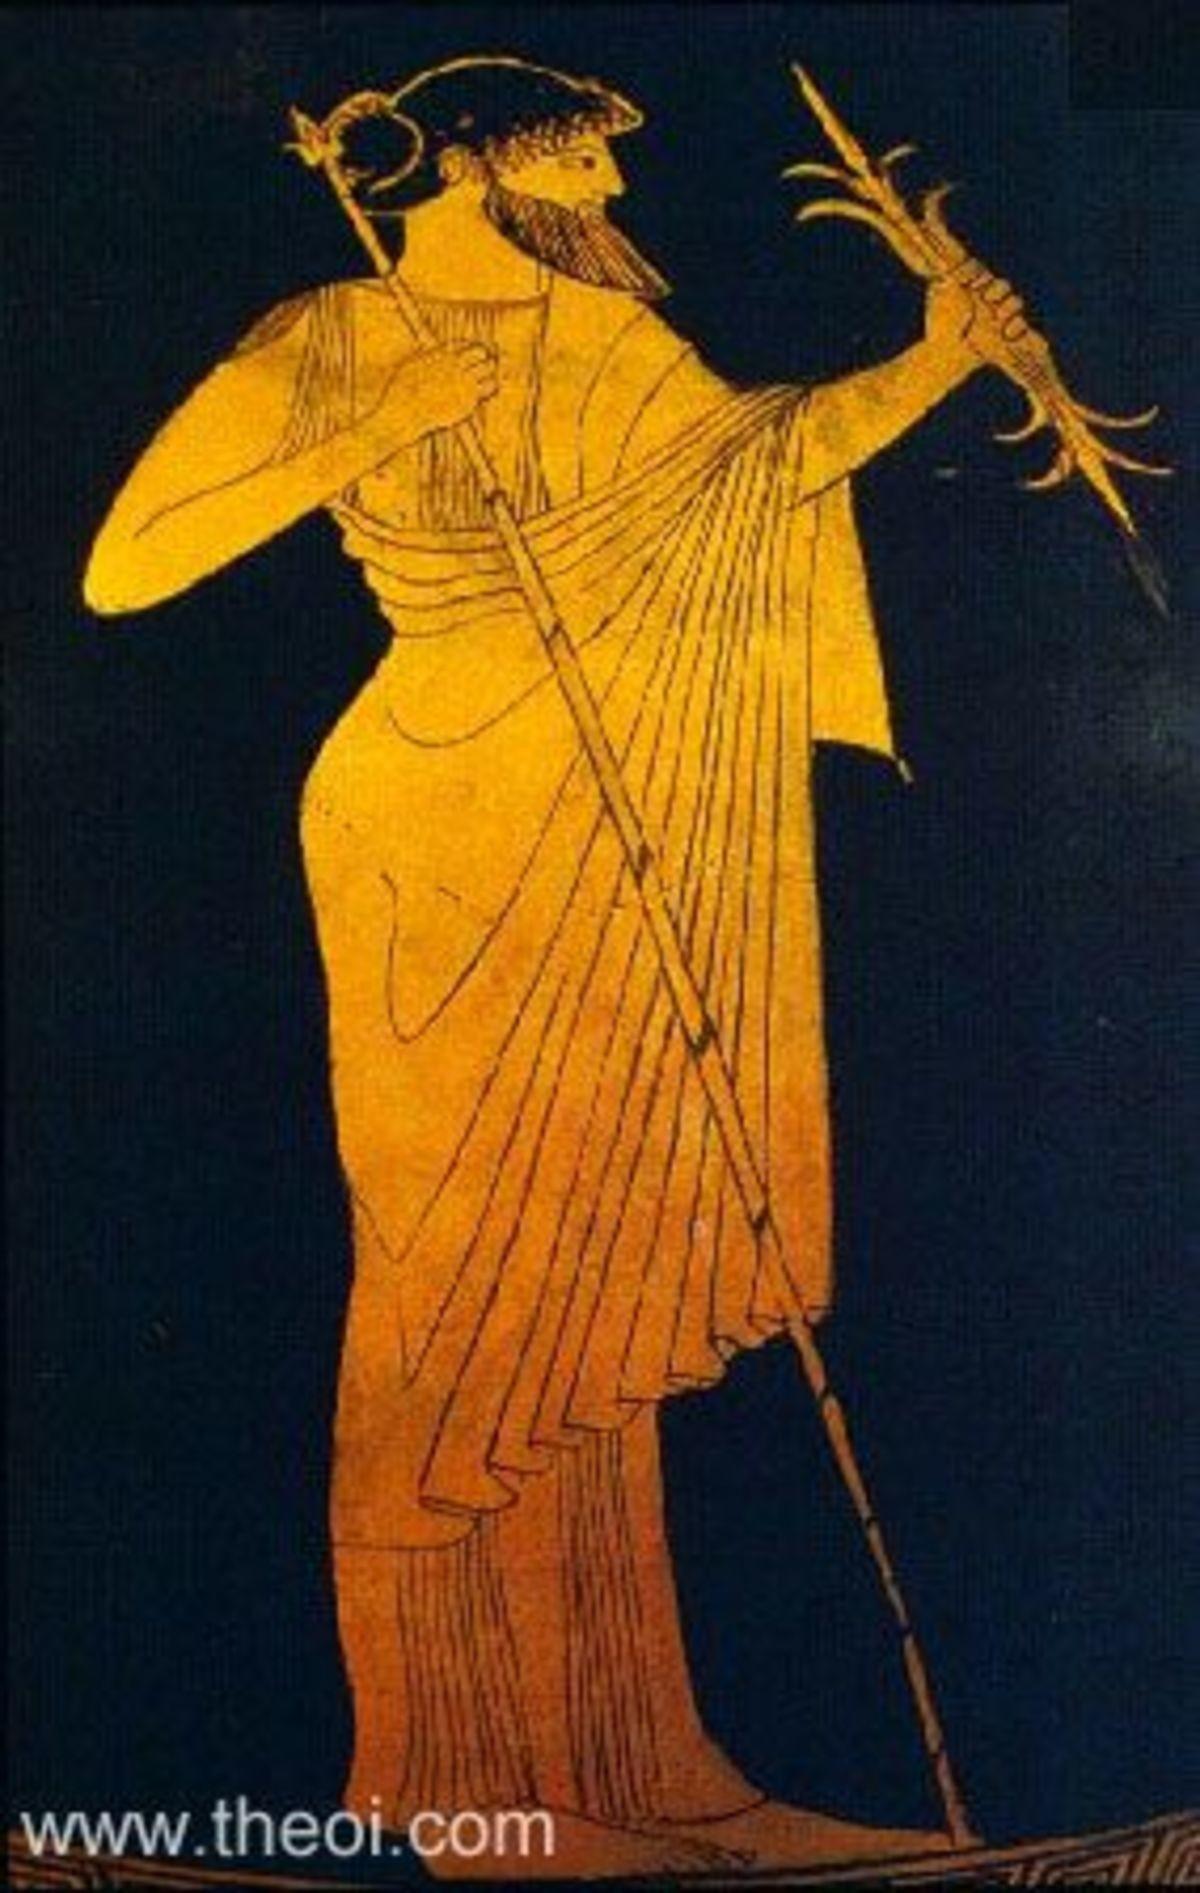 Zeus biocorpaavc Images